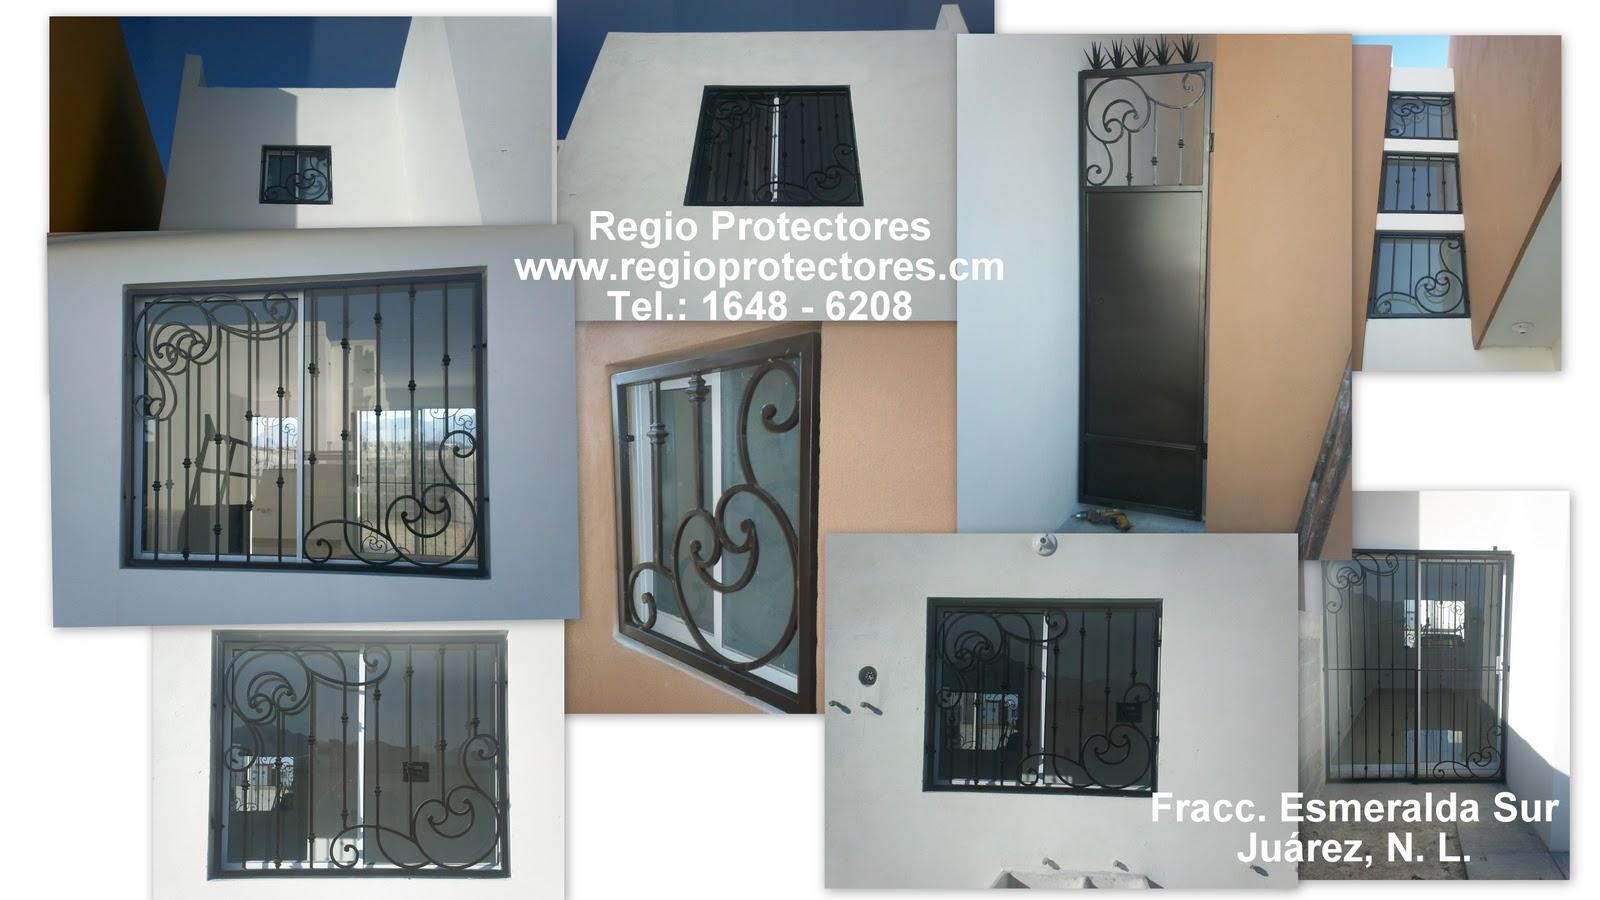 Regio Protectores, Protectores para ventanas instalados en el Fracc